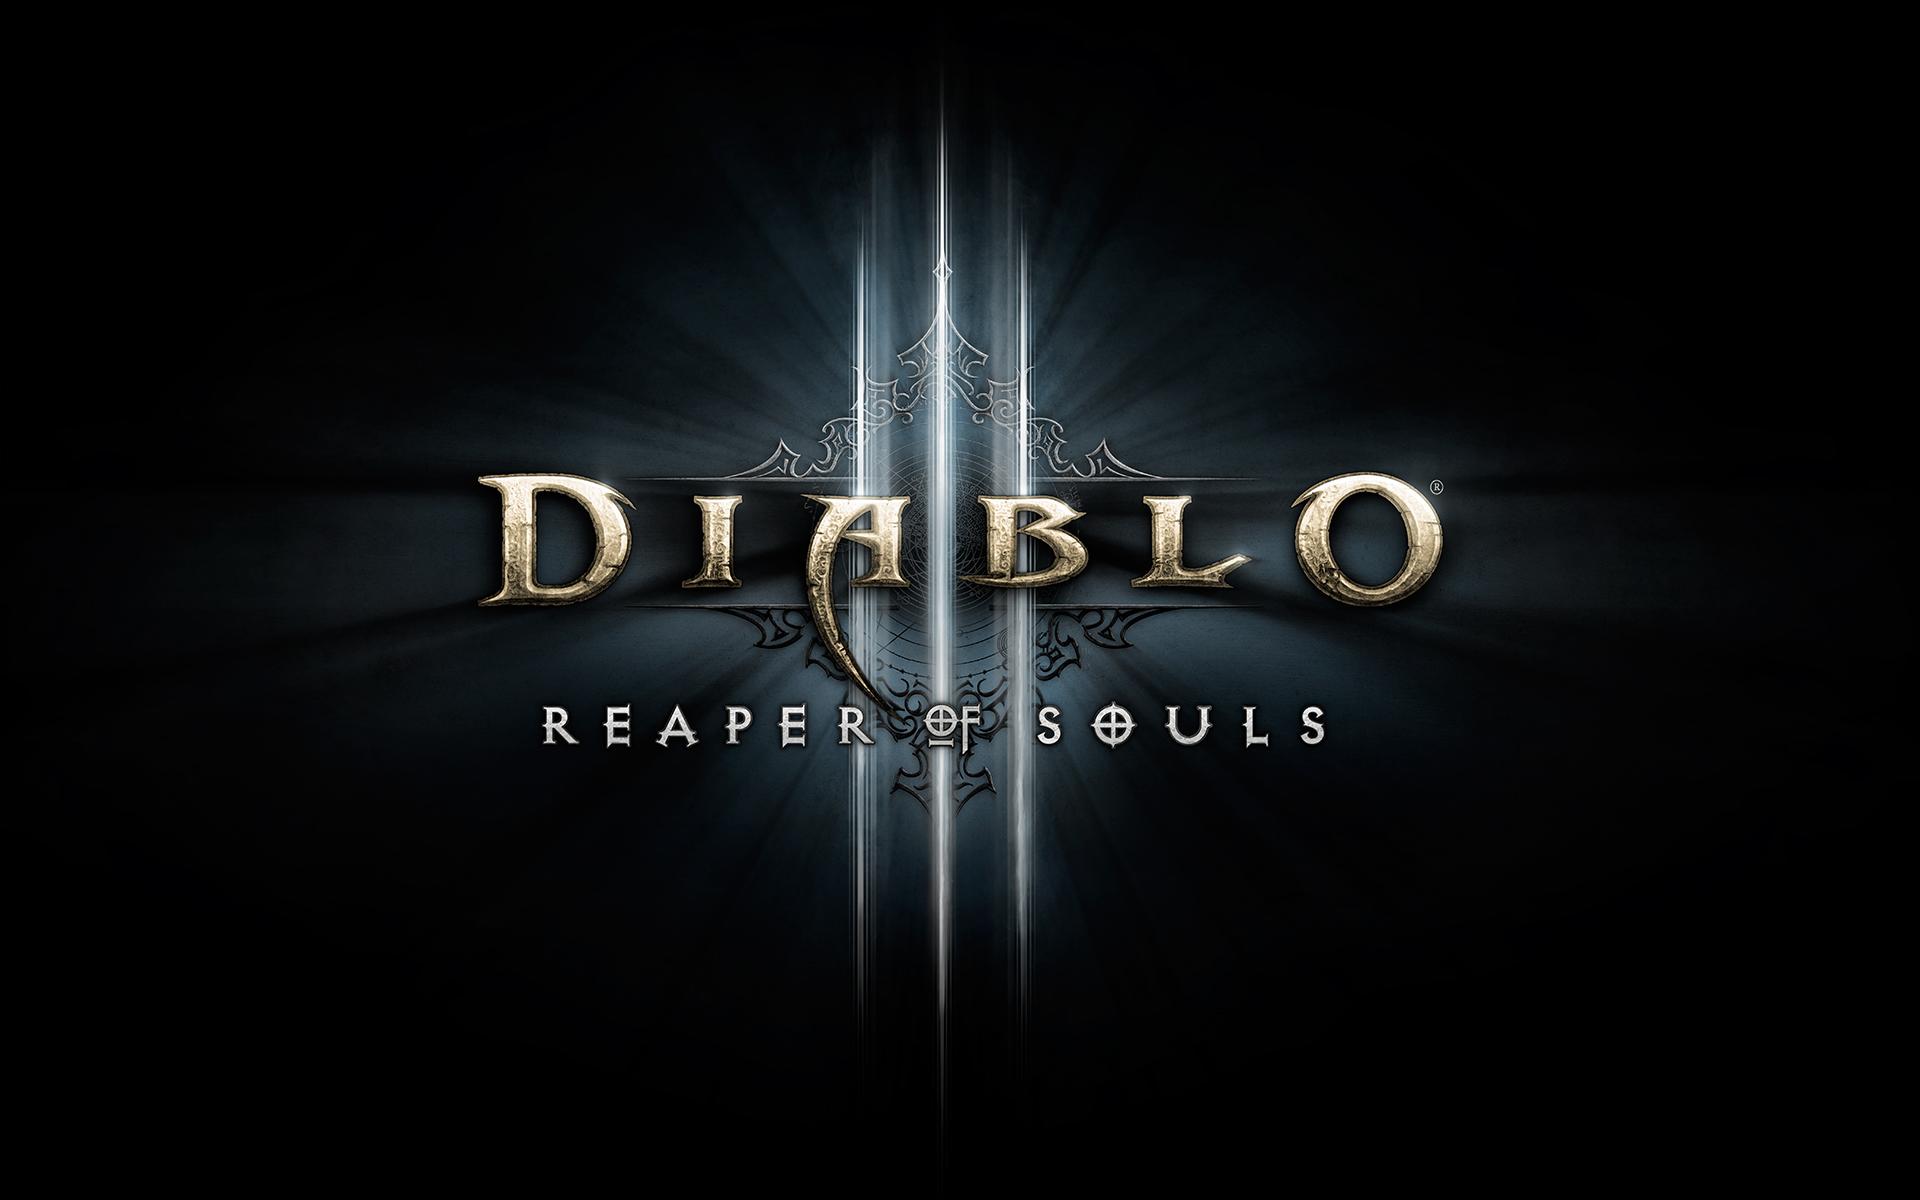 Diablo III Reaper of Souls Logo Wallpaper MMODAQ 1920x1200